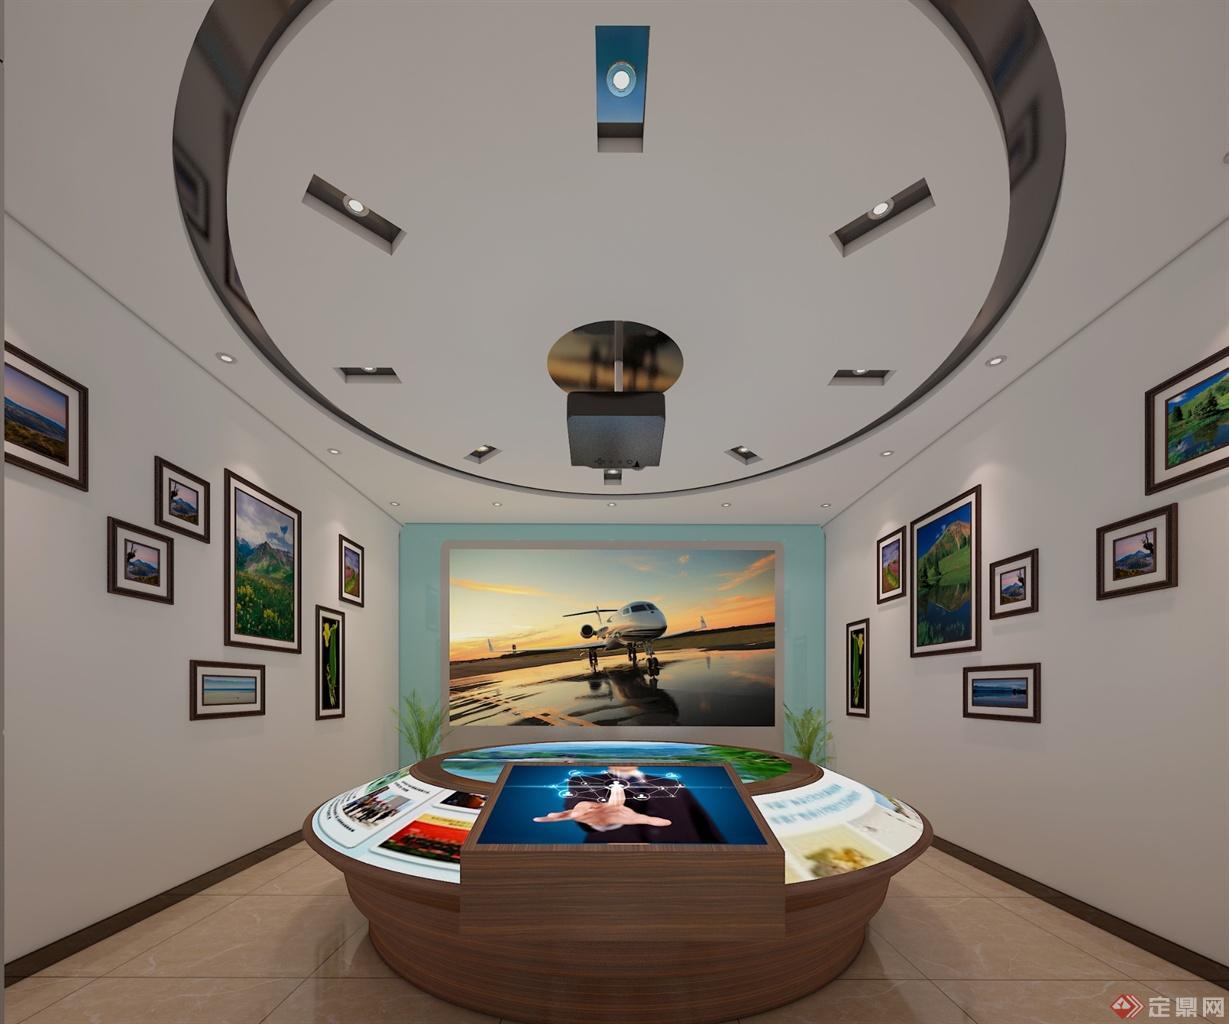 荣誉展示厅室内效果图